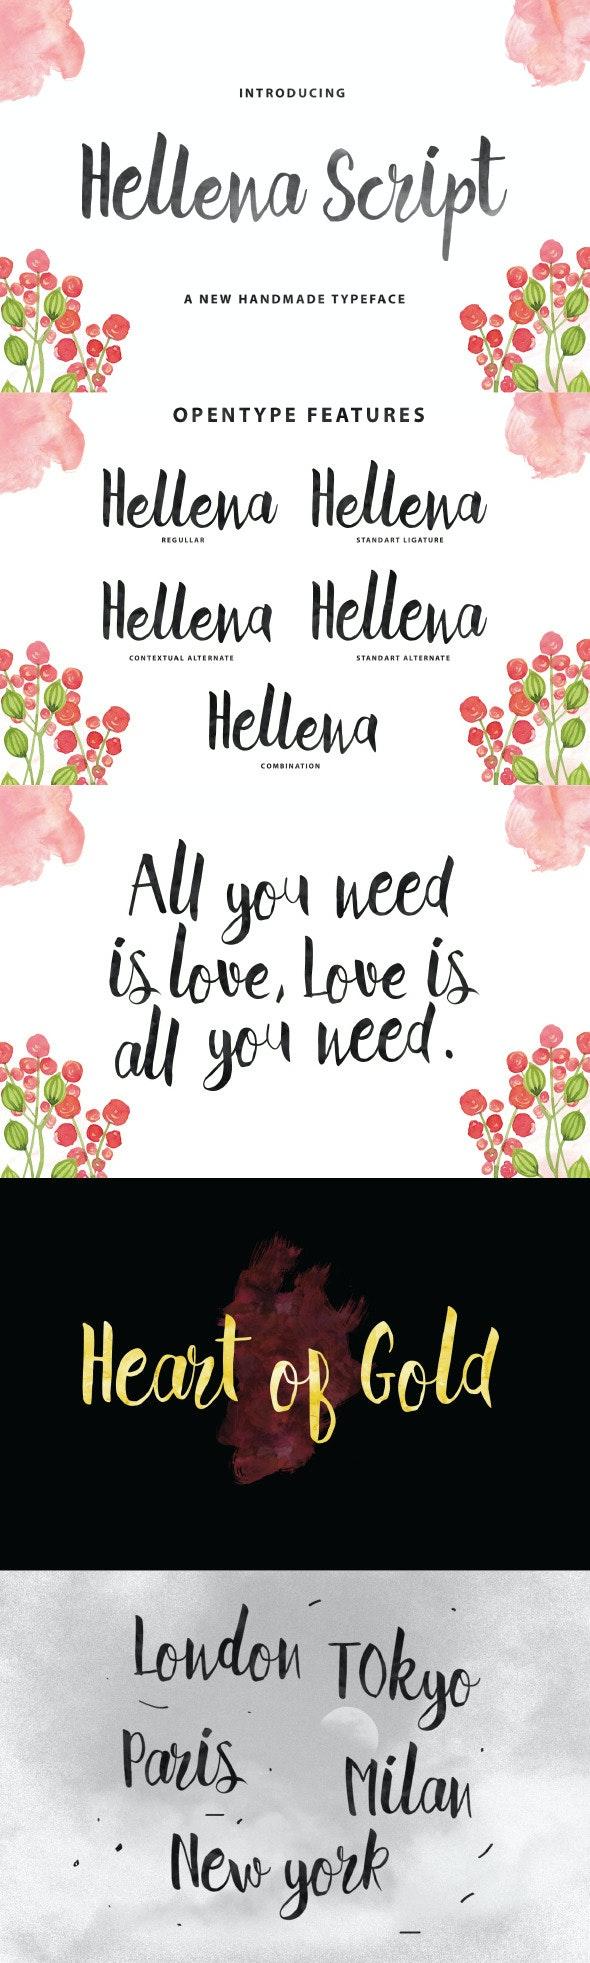 Hellena Script - Hand-writing Script